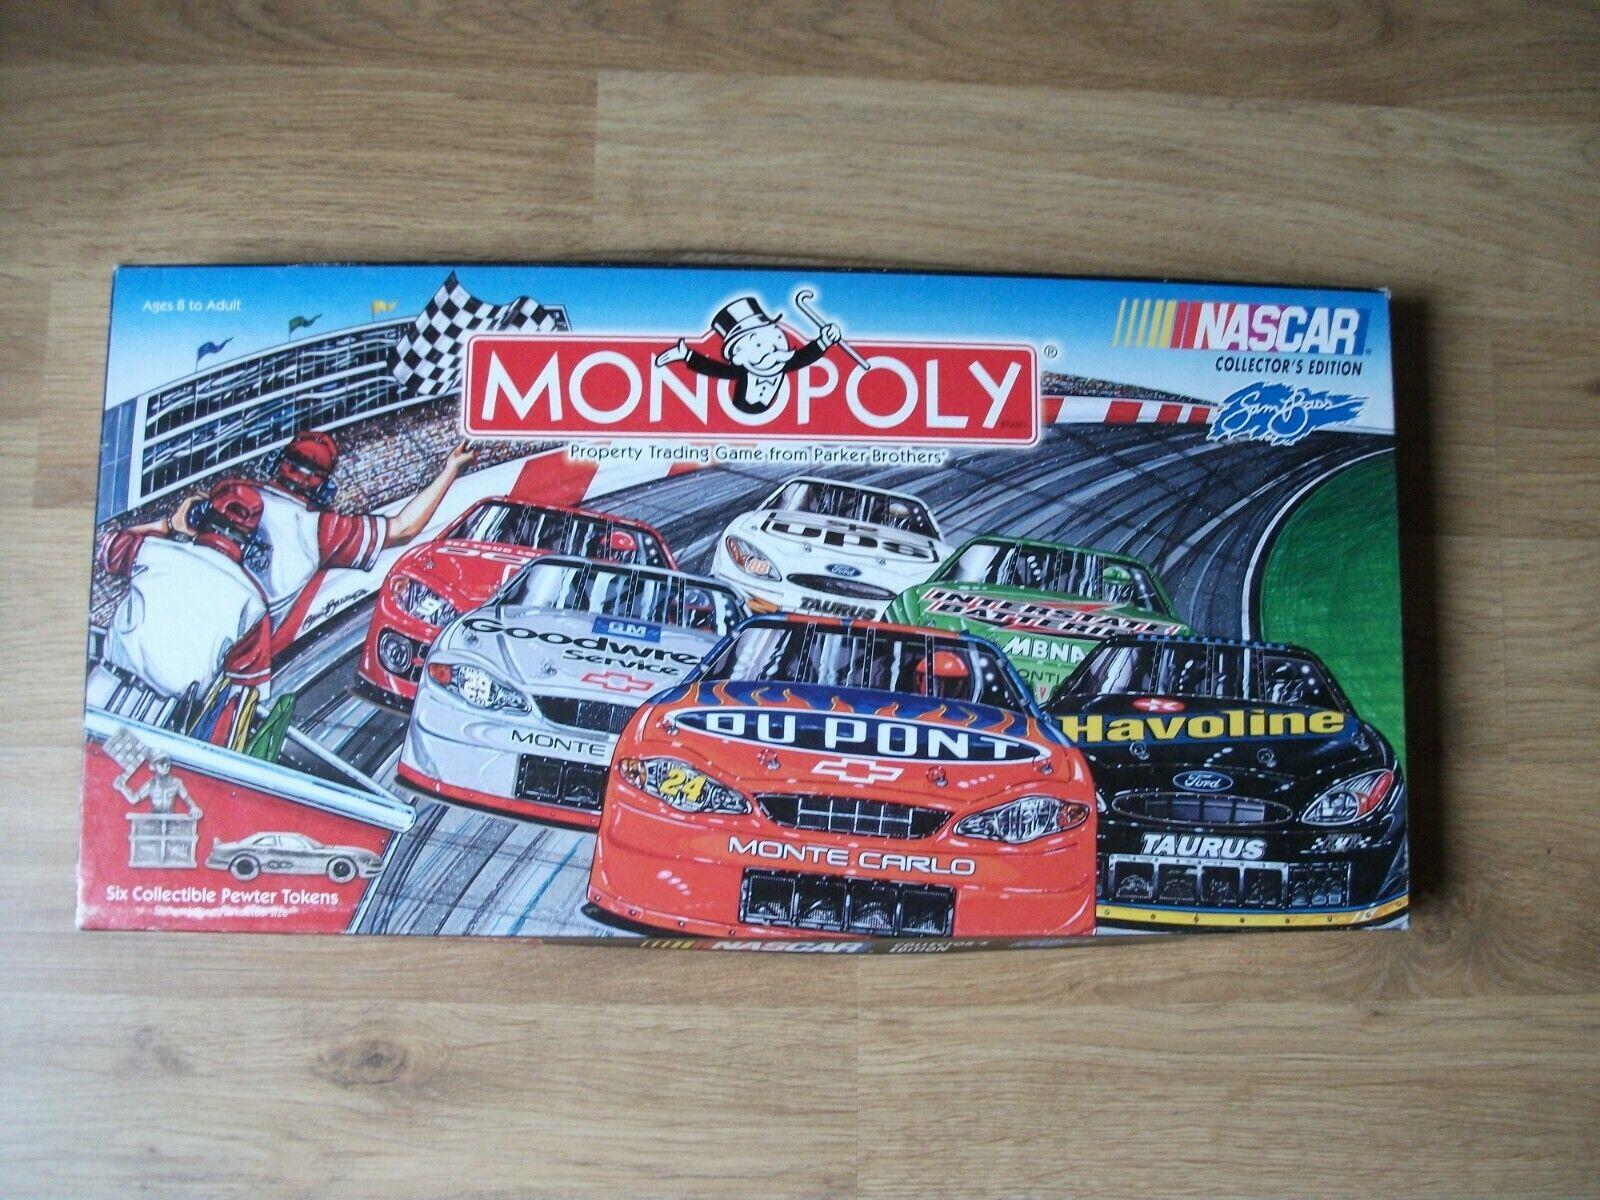 Monopoly NASauto EDIZIONE PER COLLEZIONISTI completa  in un in buonissima condizione  tutto in alta qualità e prezzo basso